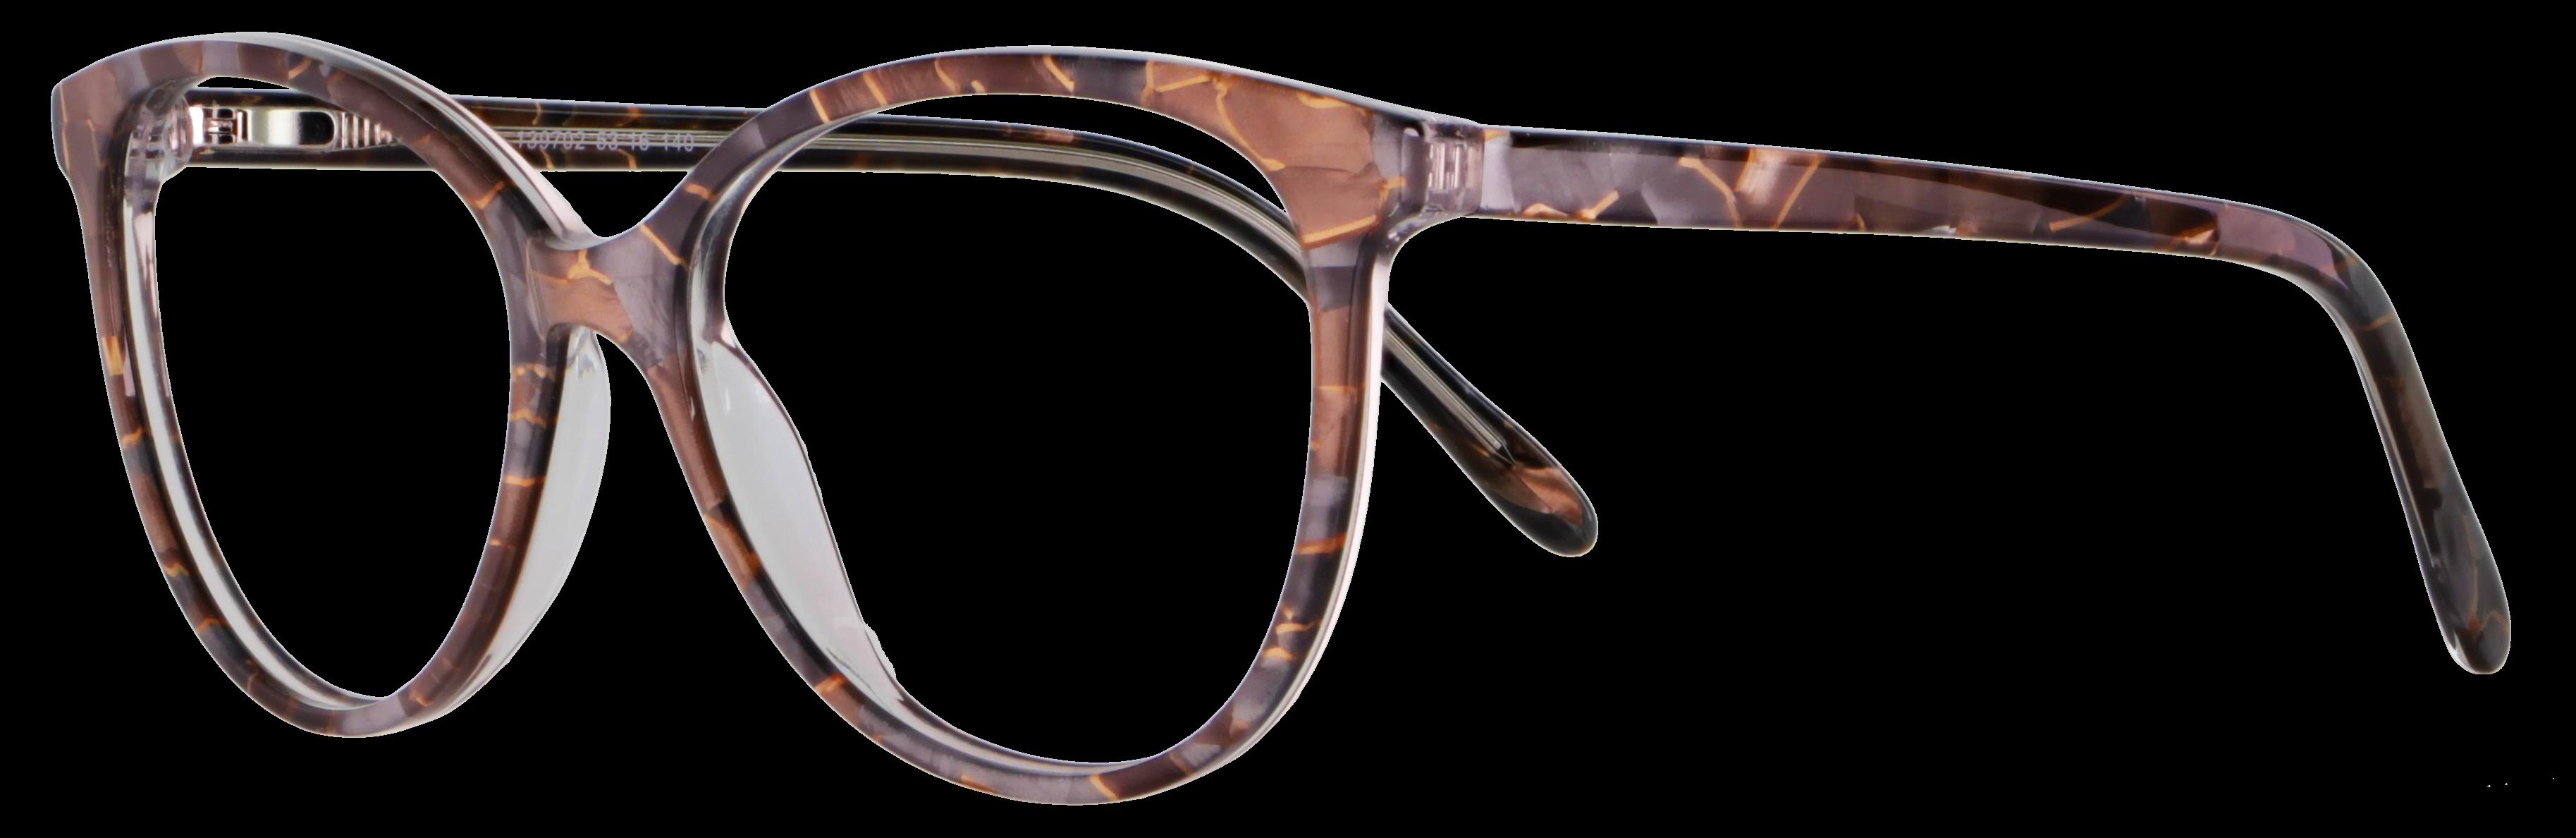 abele optik Brille 139702